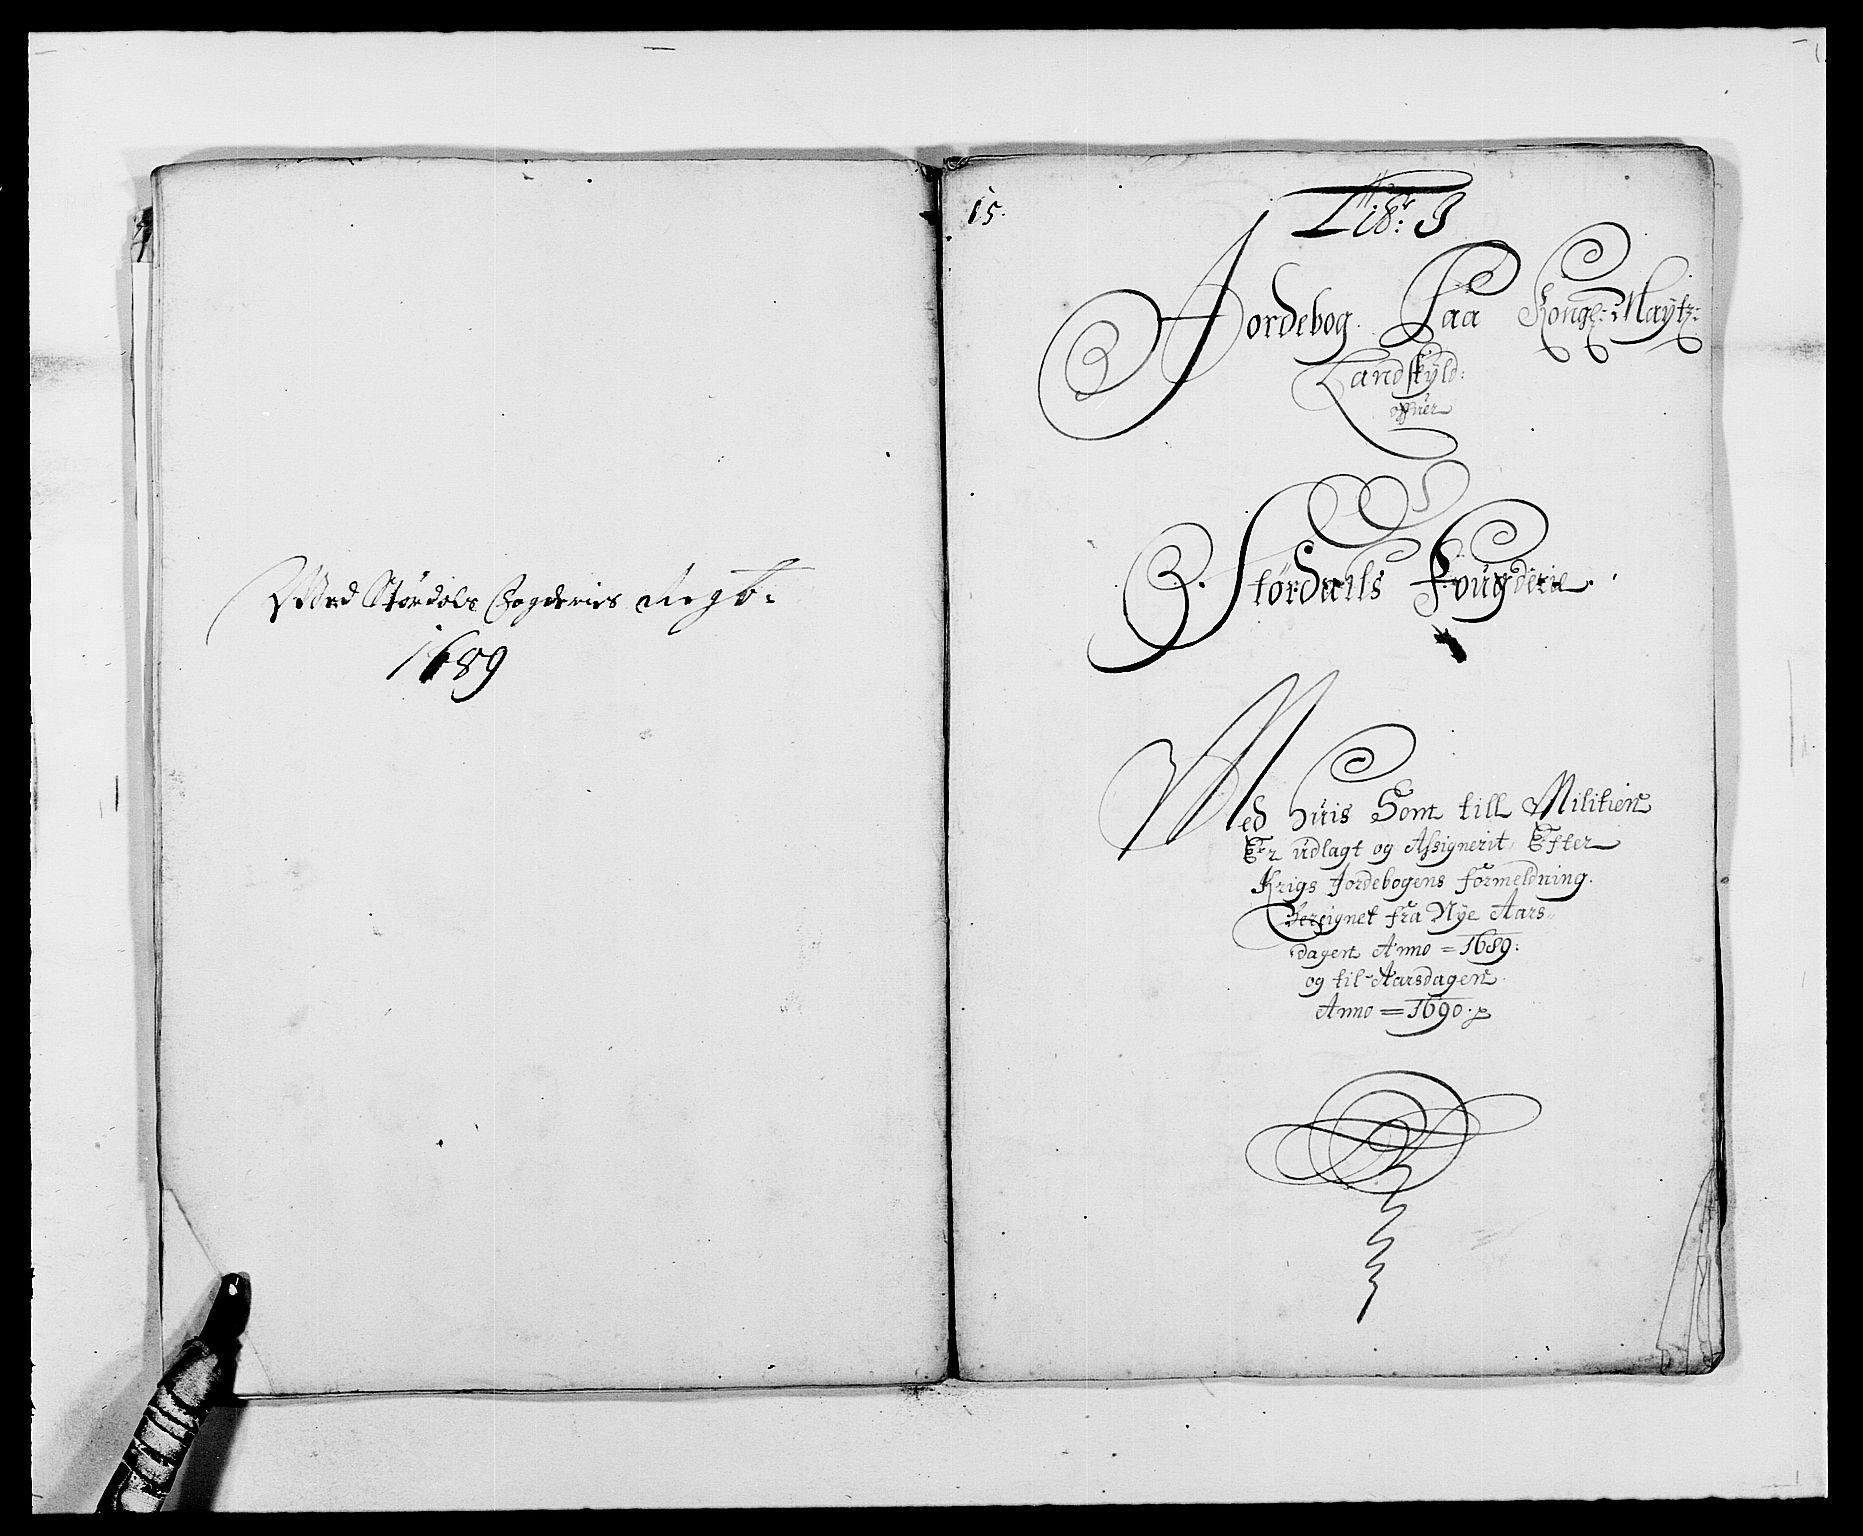 RA, Rentekammeret inntil 1814, Reviderte regnskaper, Fogderegnskap, R62/L4183: Fogderegnskap Stjørdal og Verdal, 1687-1689, s. 369